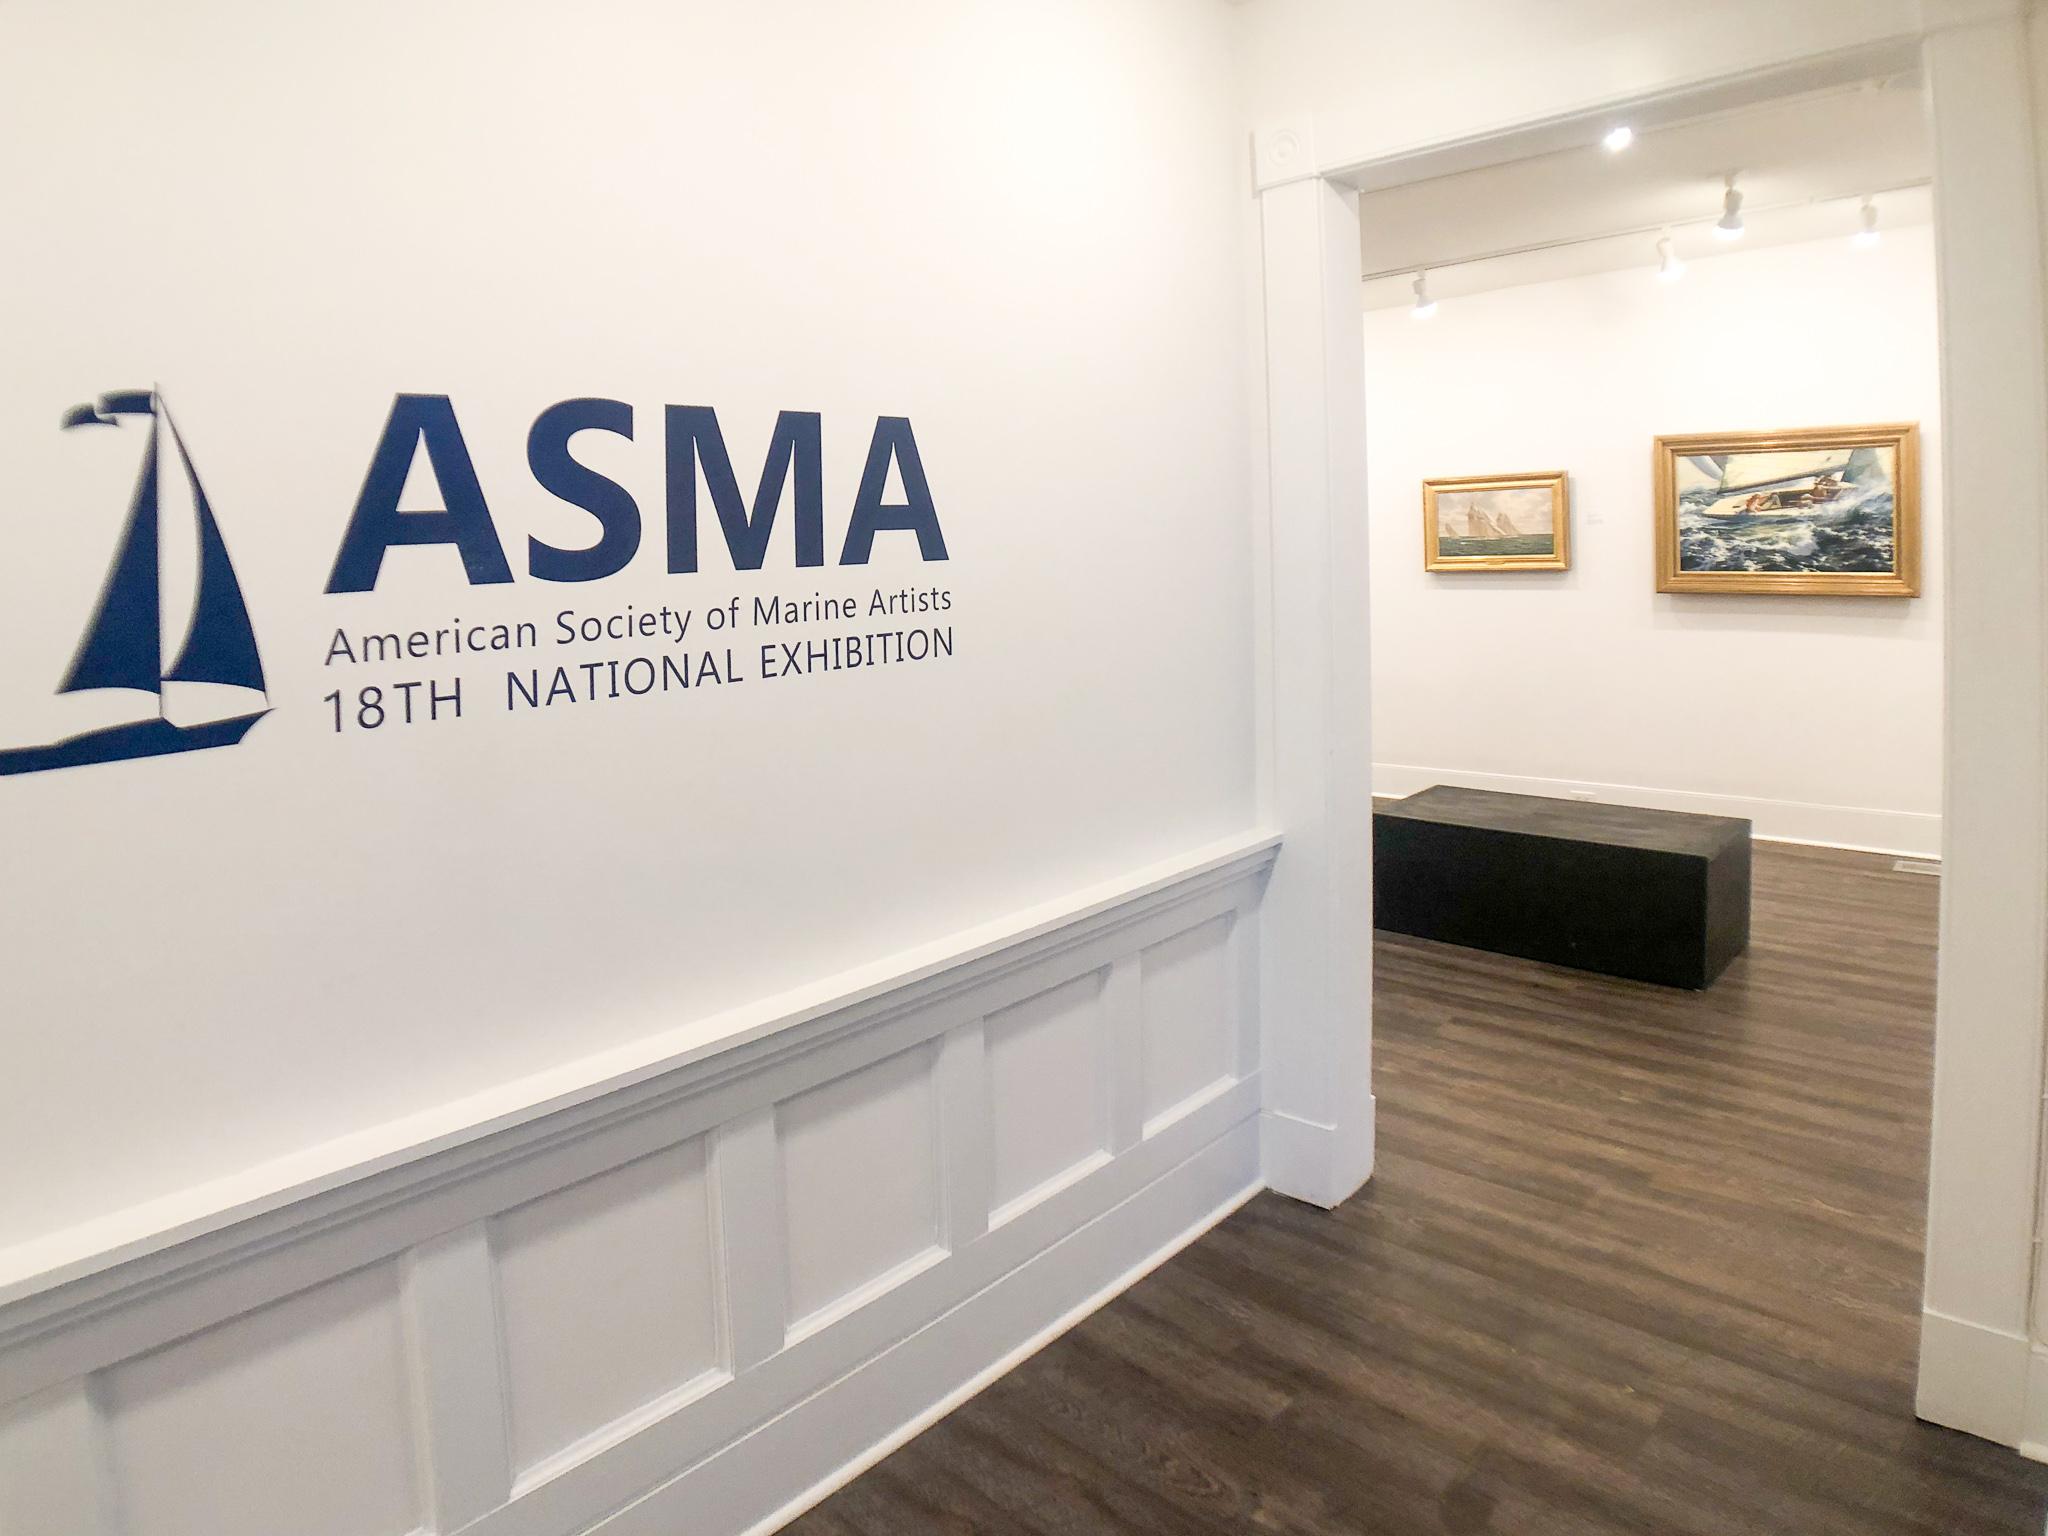 ASMA_001